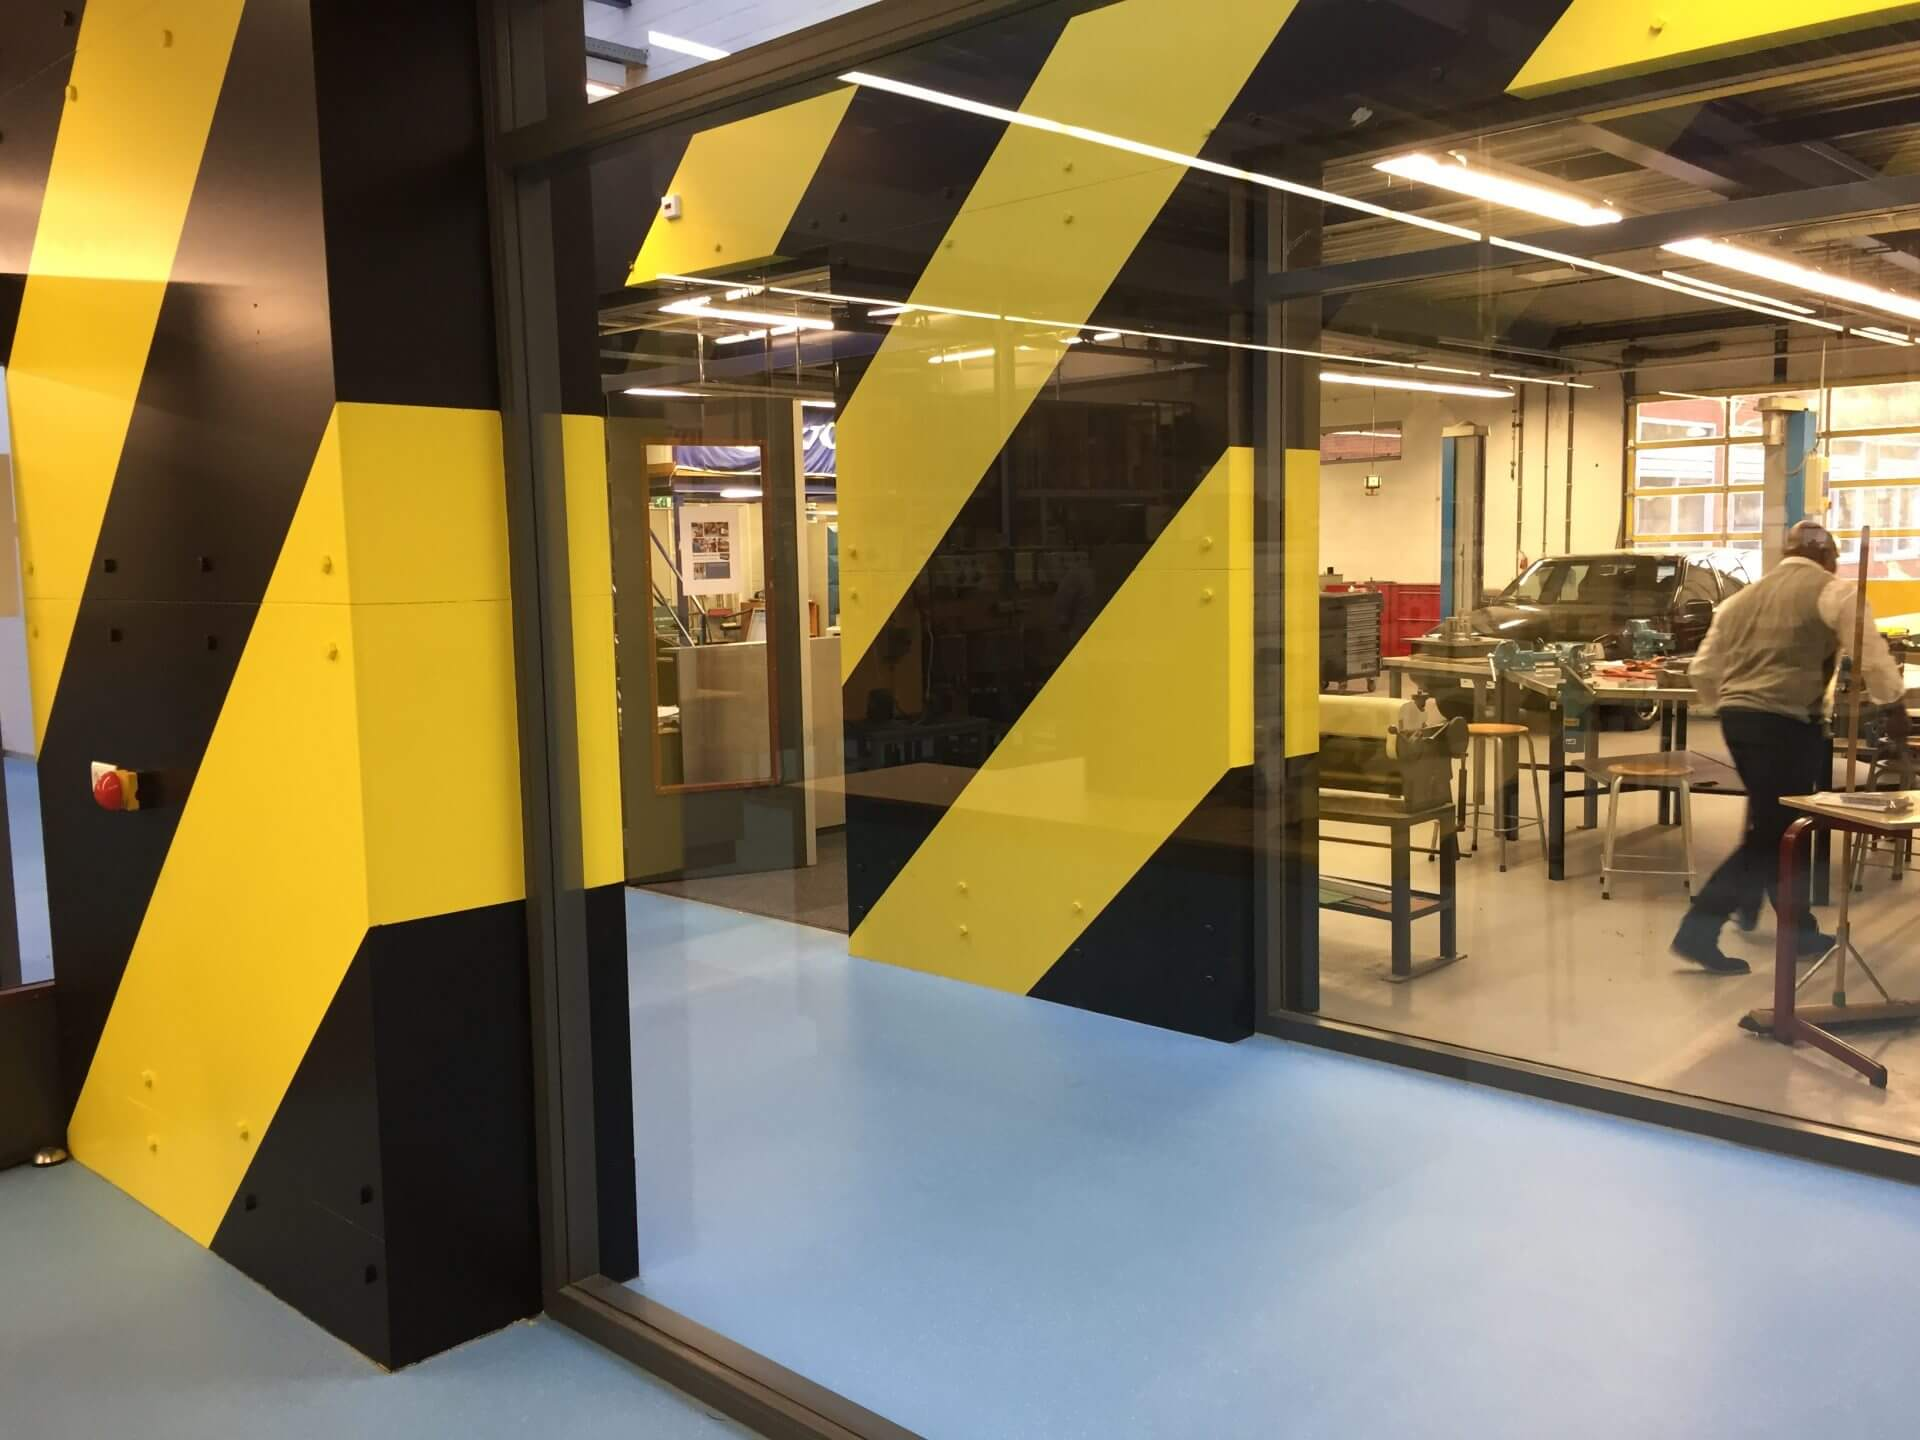 Techniekpleinen VMBO Vredenburch College, Rijswijk - 13